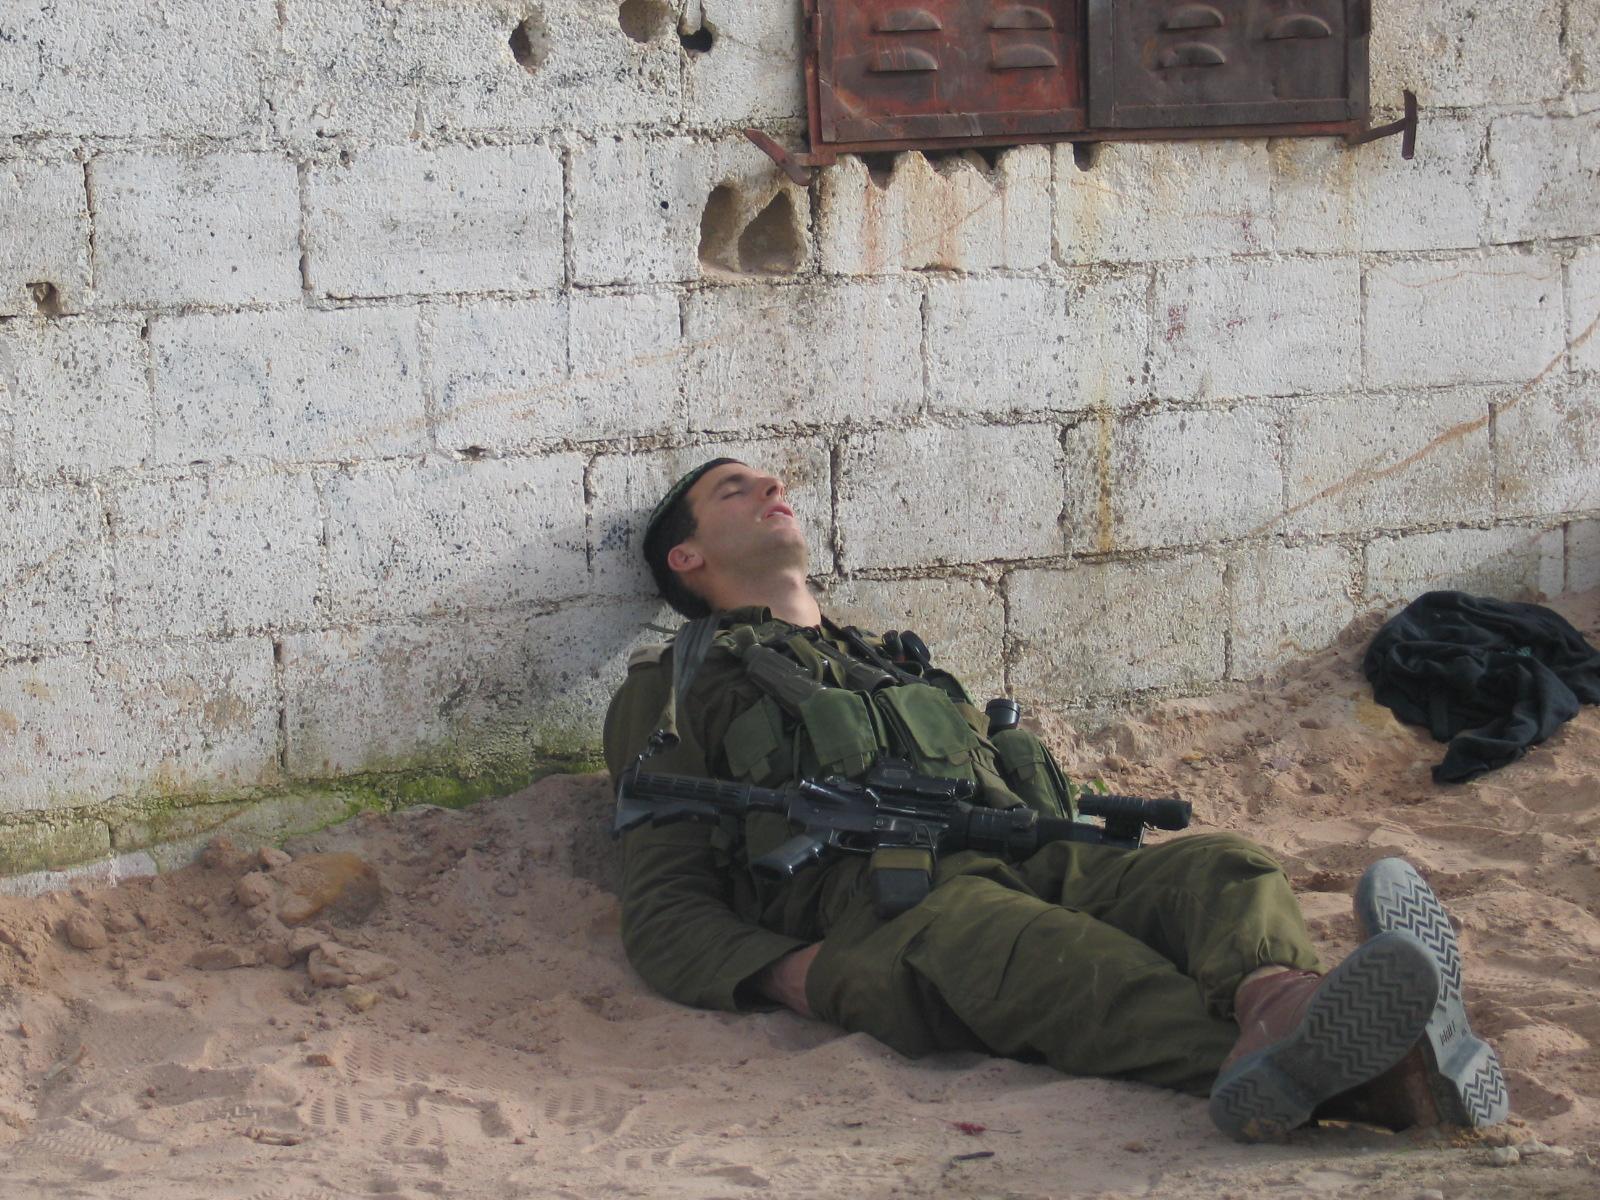 הקצין העייף לאחר פעילות מבצעית